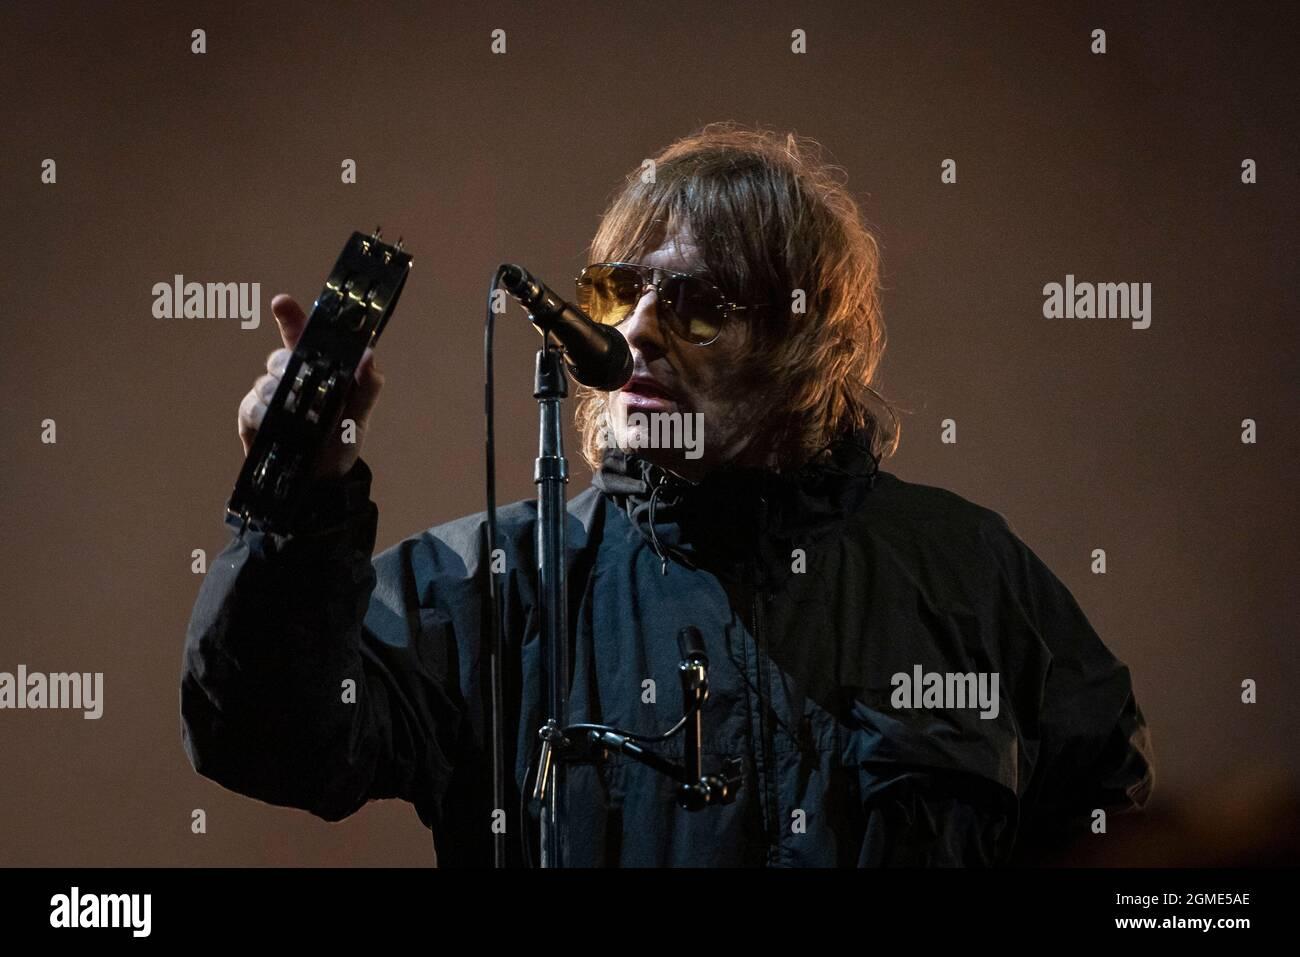 Newport, Ile de Wight, Royaume-Uni, vendredi 17 septembre 2021 Liam Gallagher se produit en direct au festival de l'île de Wight Seaclose Park. Credit: DavidJensen / Empics Entertainment / Alamy Live News Banque D'Images